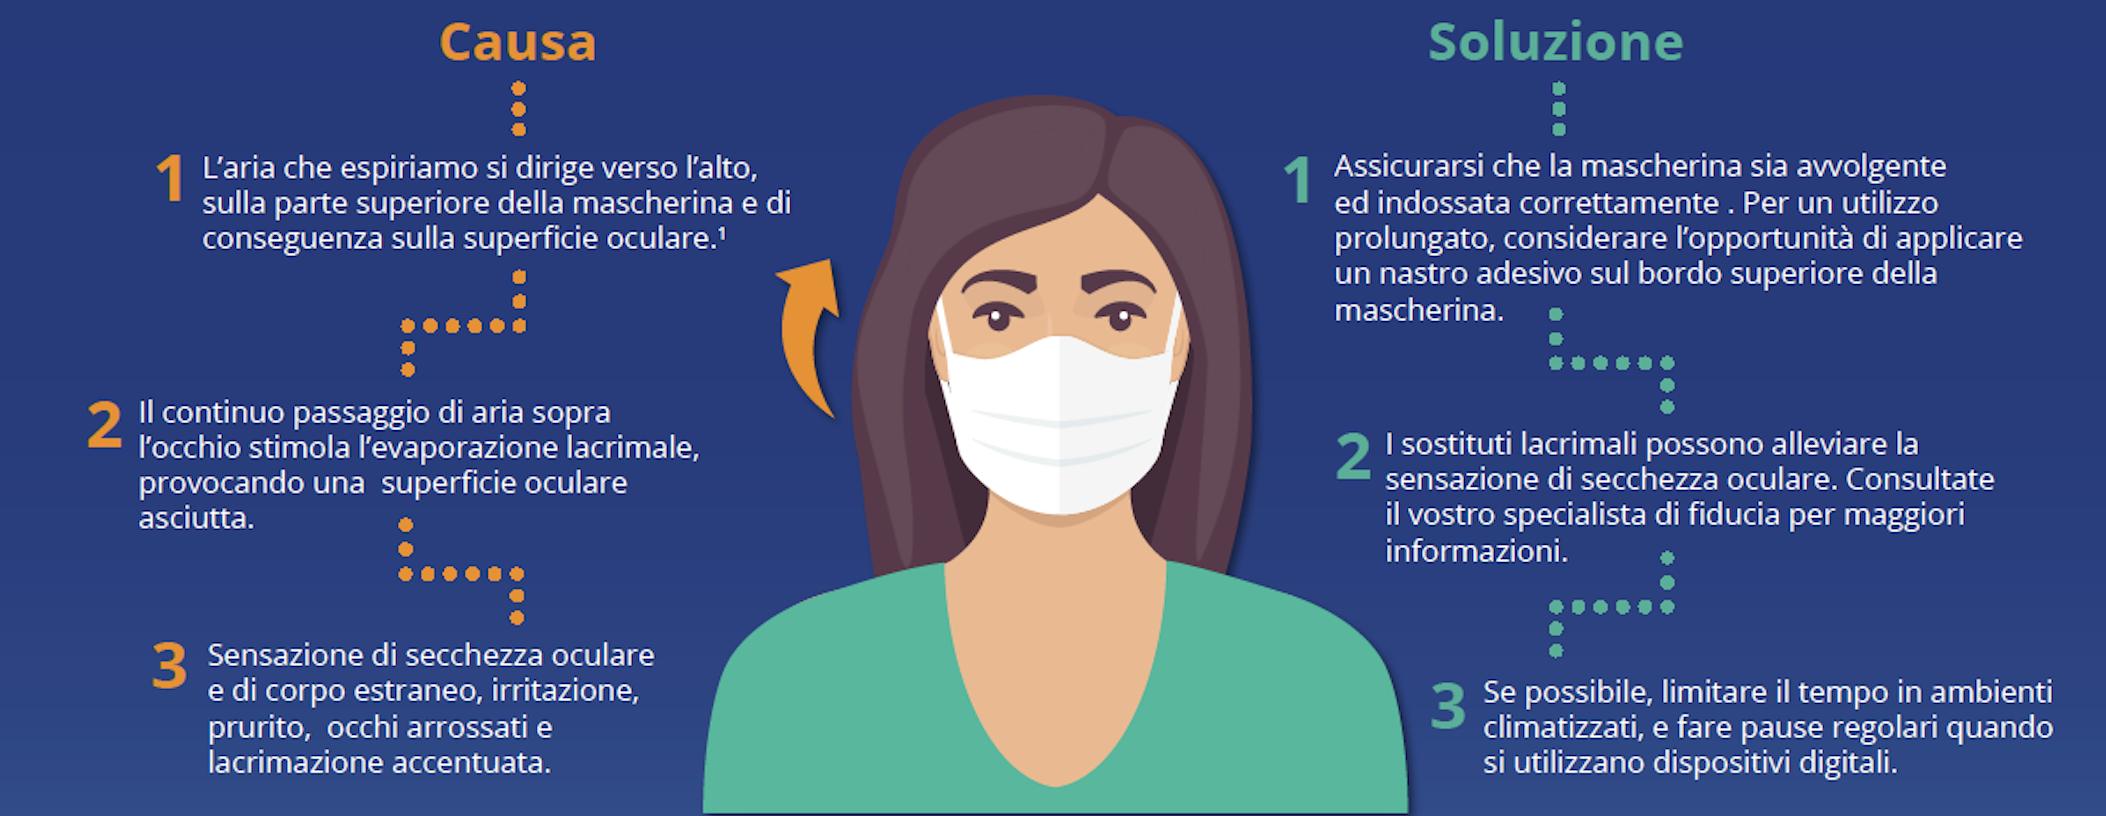 Secchezza oculare e mascherine: come prevenirla?